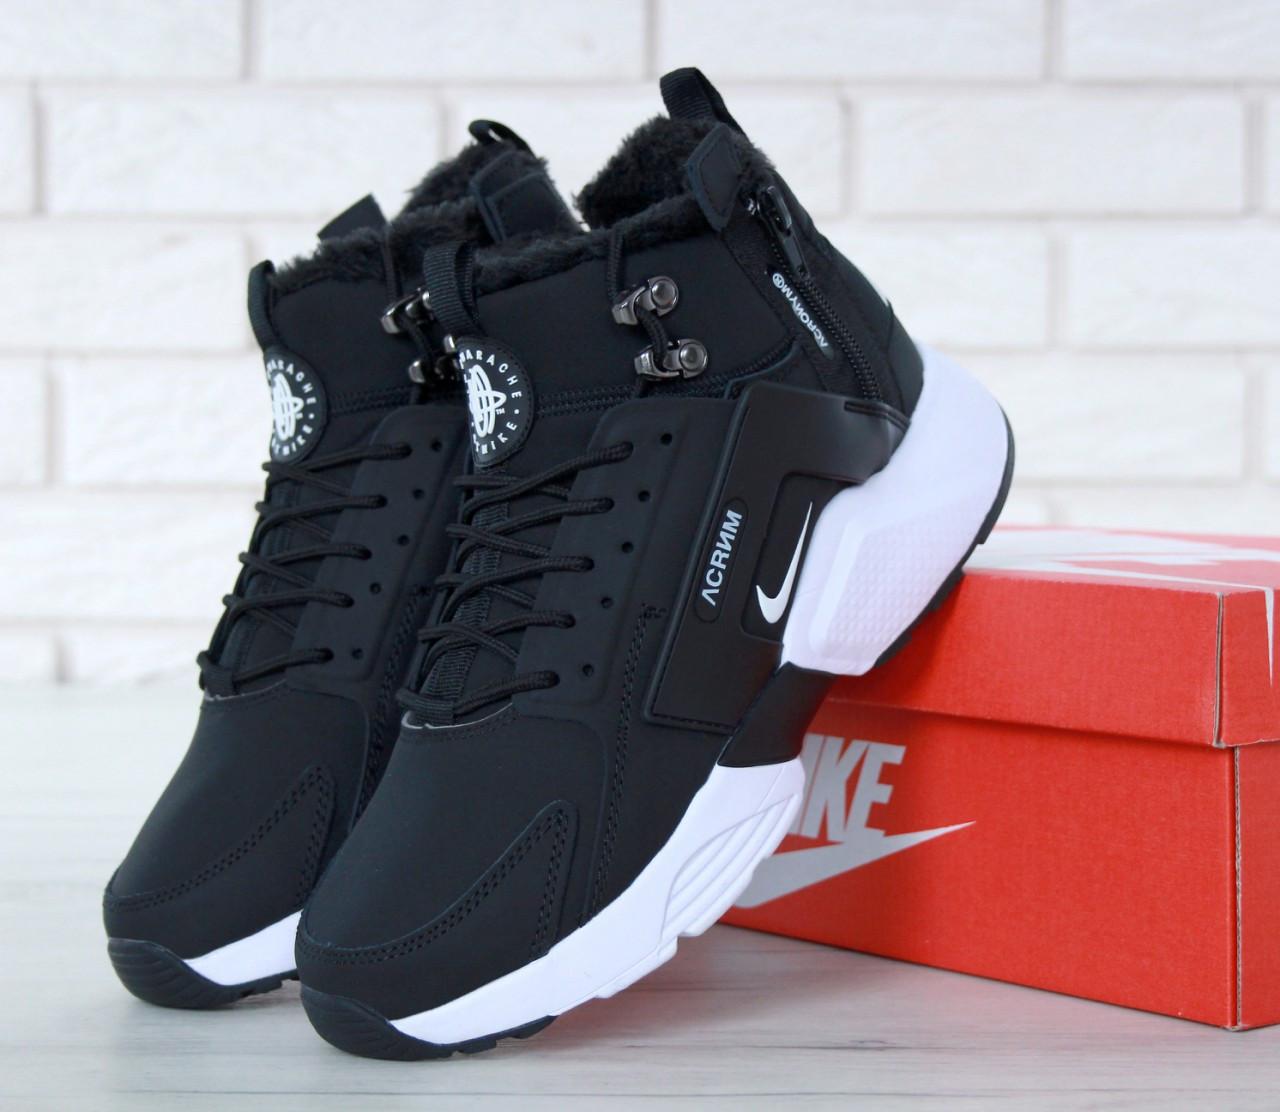 Зимние кроссовки Nike Huarache X Acronym City Winter Black/White с мехом. ТОП Реплика ААА класса.